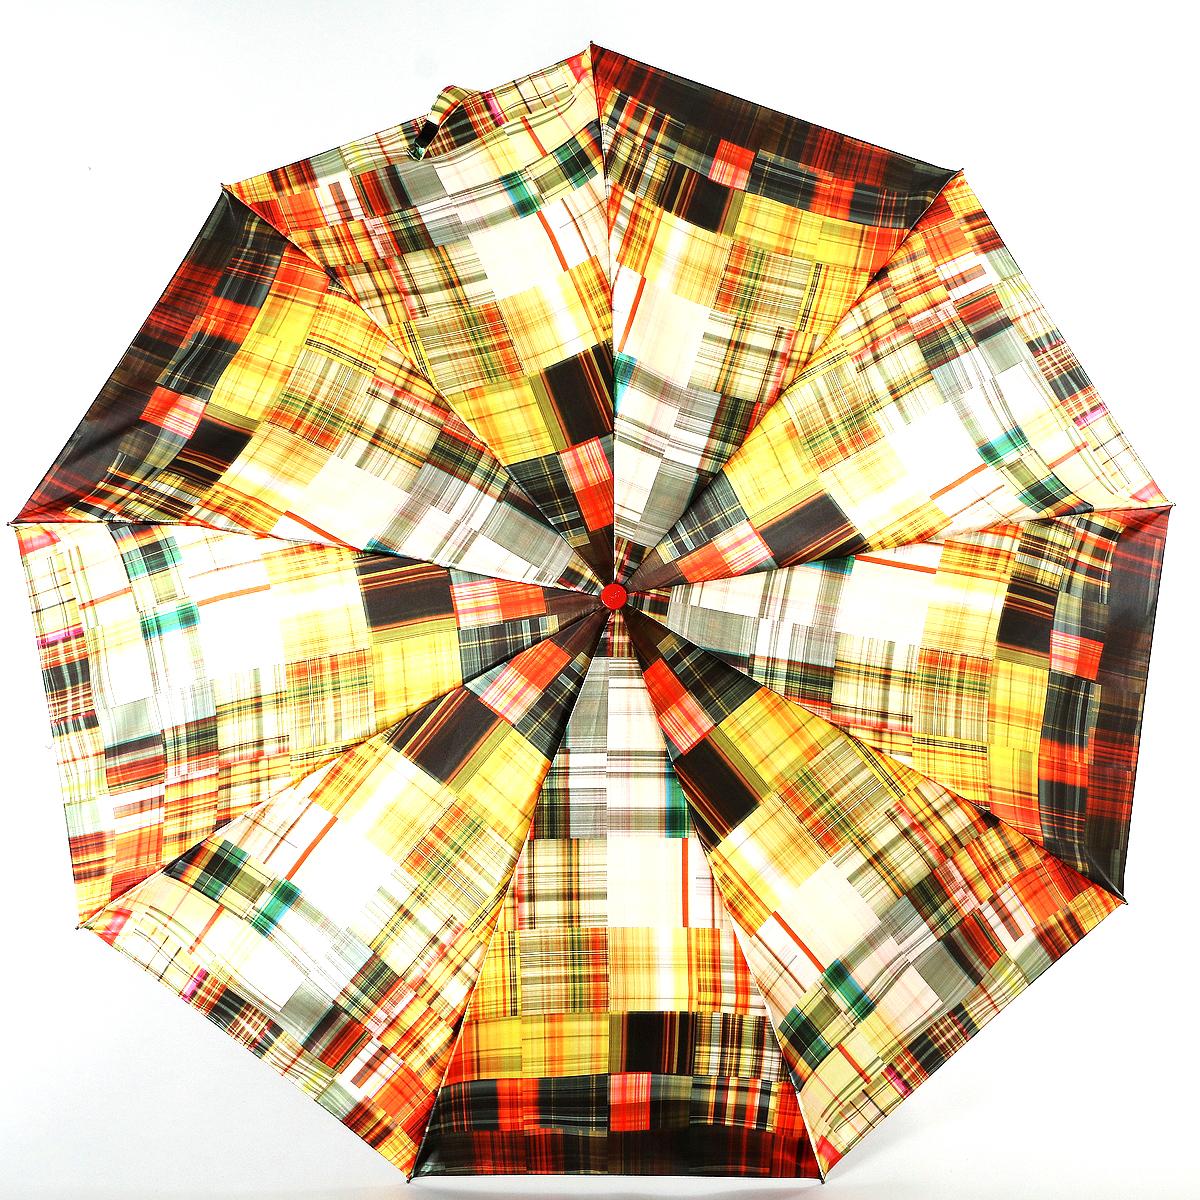 Зонт женский Zest, цвет: желтый, зеленый, серый. 23944-308423944-3084Сатиновый женский зонт в 3 сложения. Модель зонта выполнена в механизме - полный автомат, оснащена системой Антиветер, которая позволяет спицам при порывах ветра выгибаться наизнанку, и при этом не ломаться. Удобная ручка выполнена из пластика. Данный аксессуар особенно хорош для тех, кто привык к комфорту. Вес зонта 480 грамм.